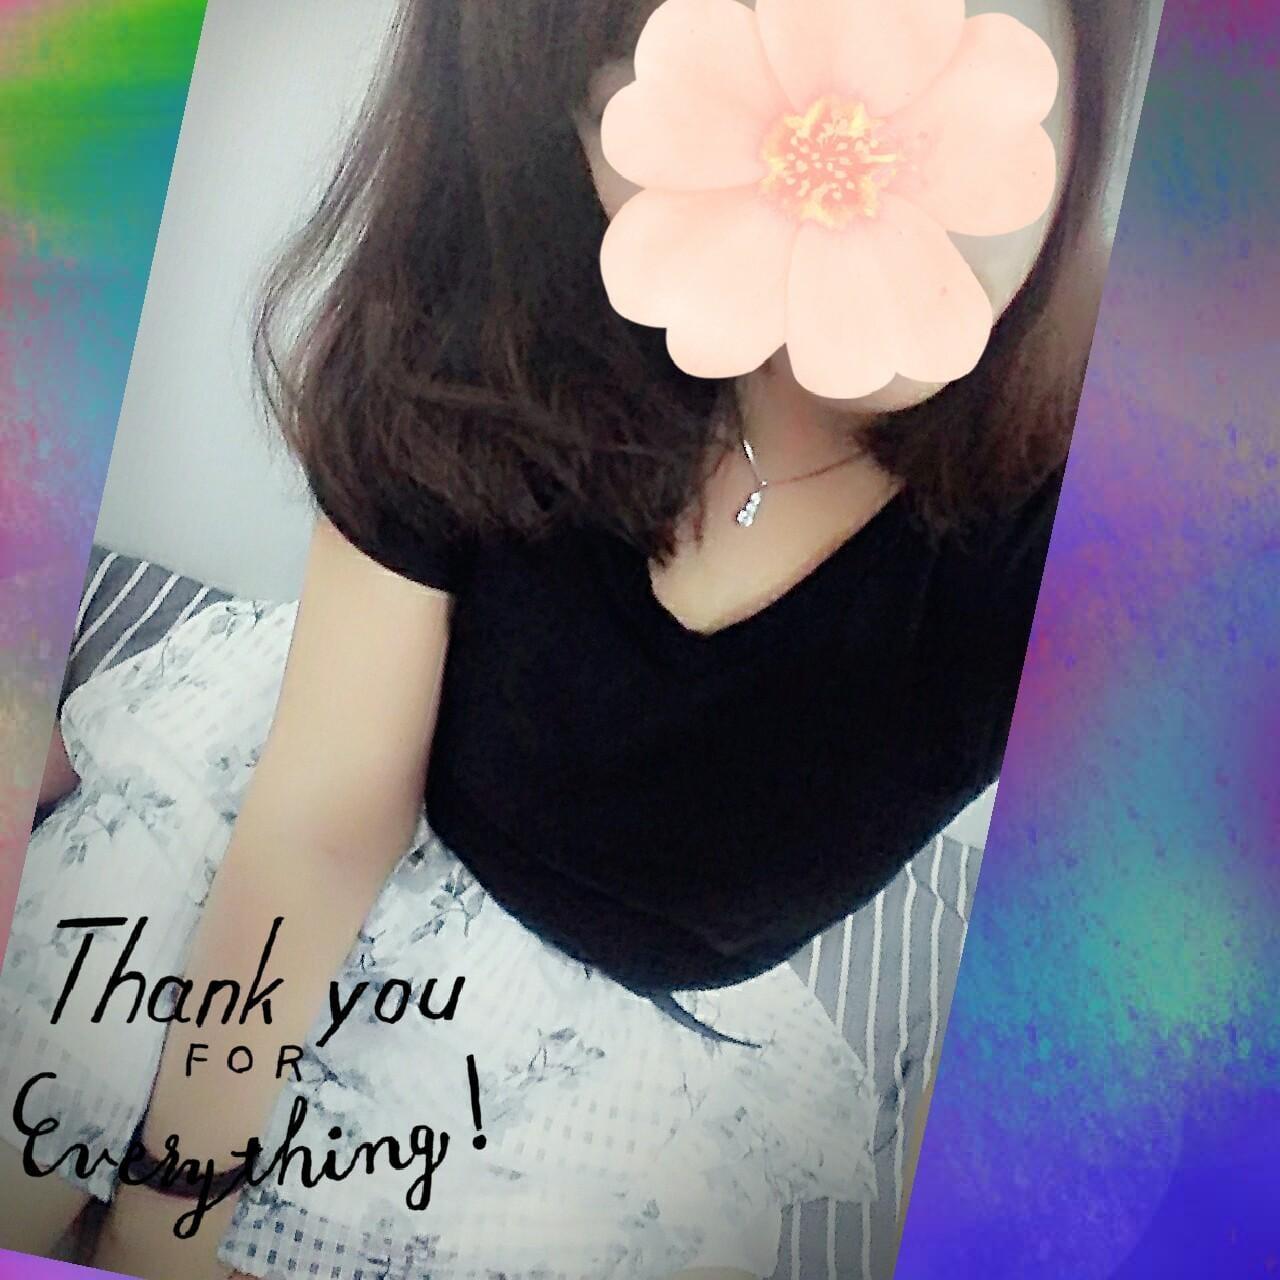 「シカゴファイヤー(*^▽^*)」07/22(日) 00:13   【熟女】みつきの写メ・風俗動画